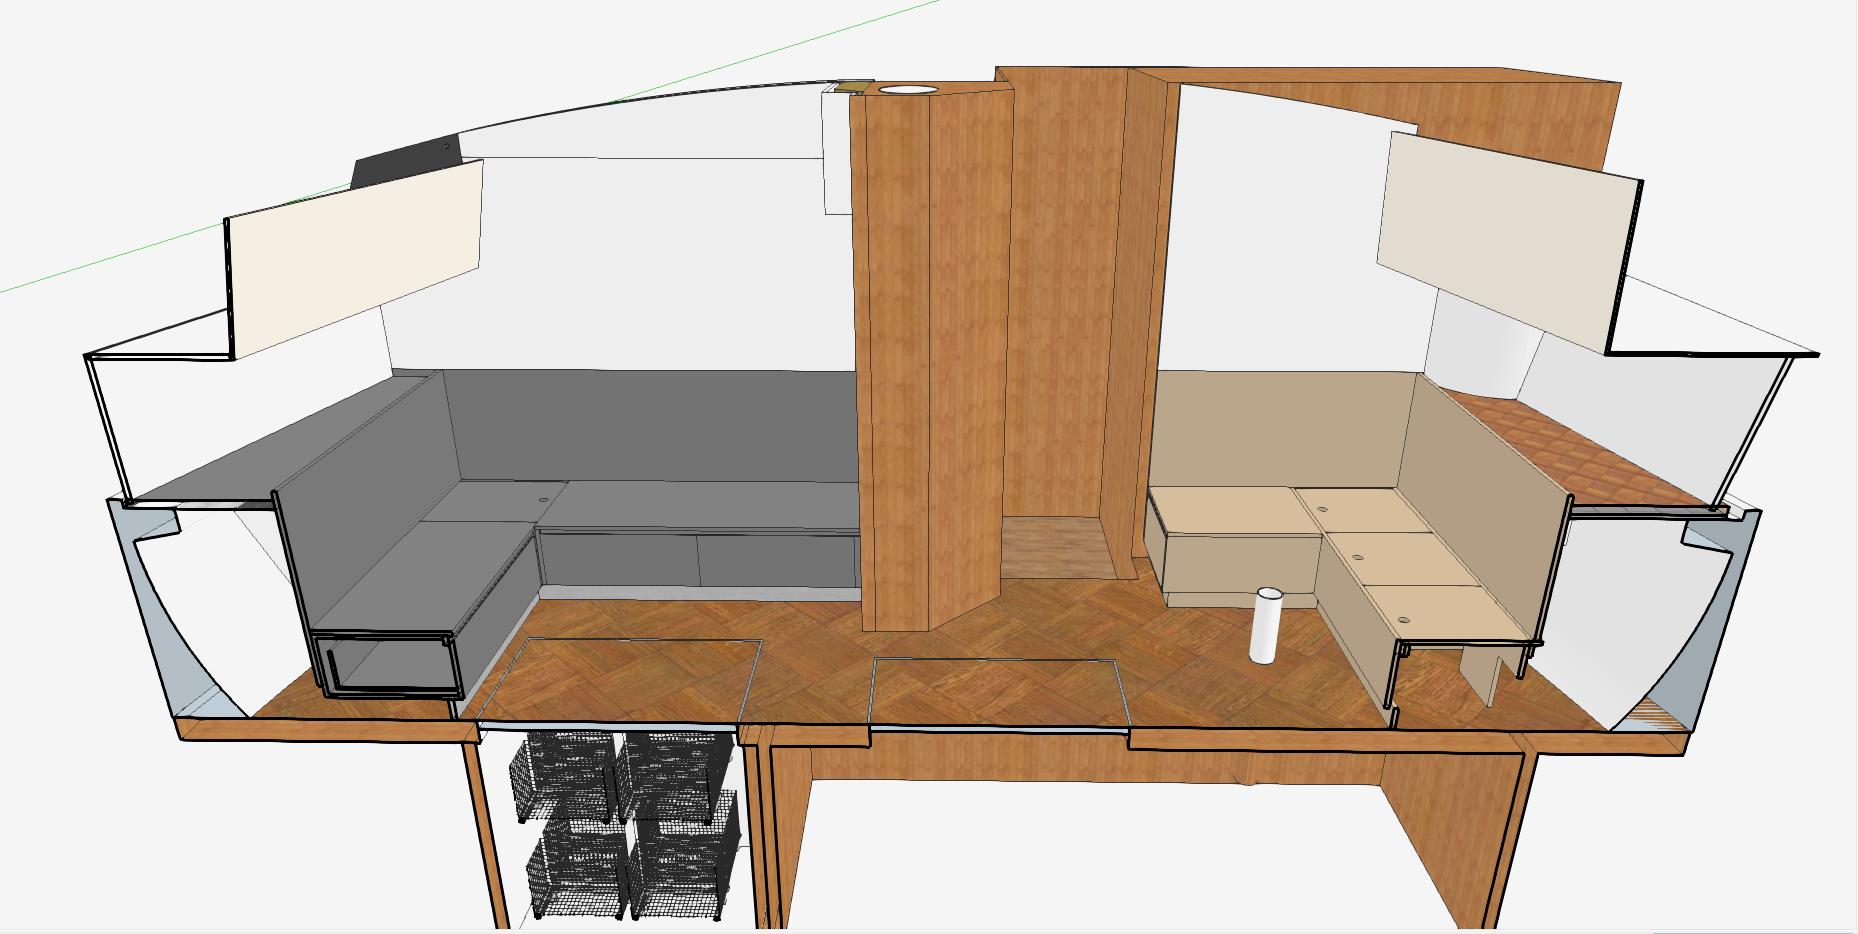 Lower Floor Joinery_Scene 3.3